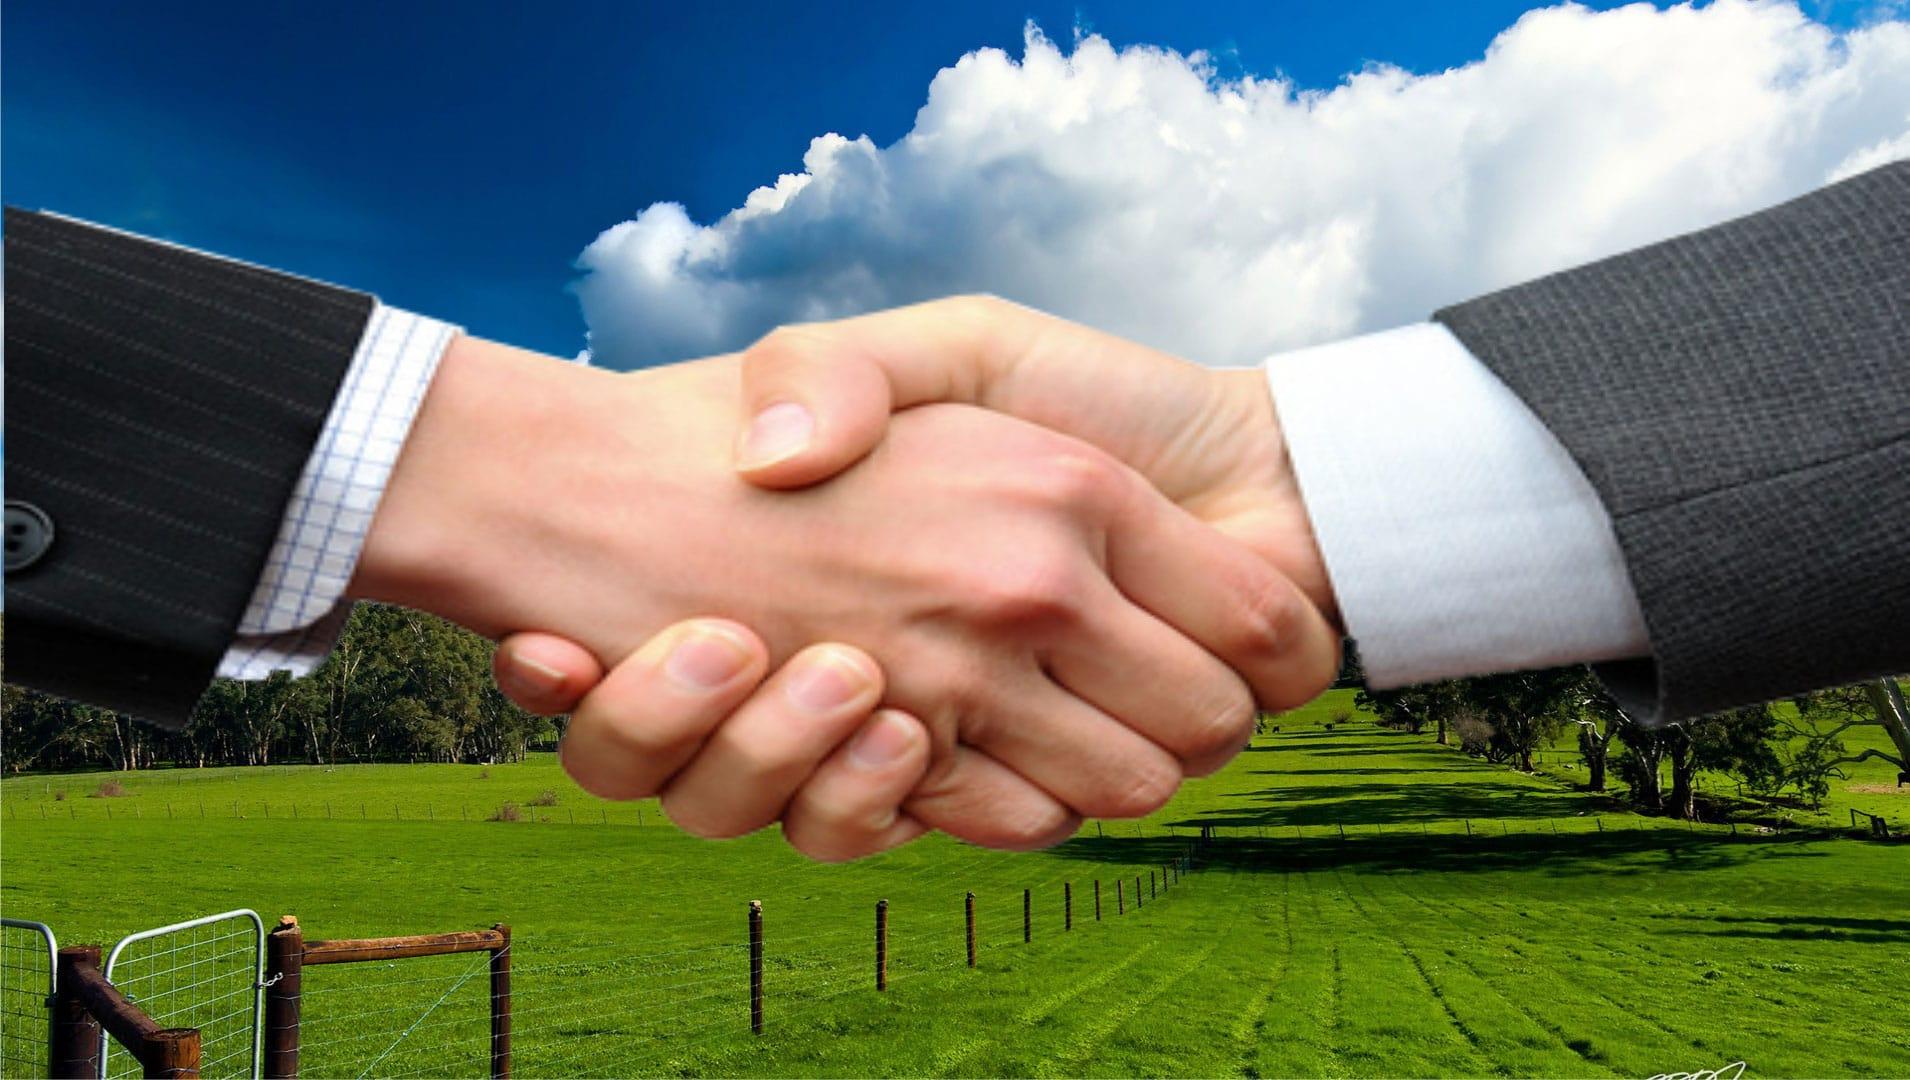 Arazi hukuku: arsa arazilerinin birleştirilmesi